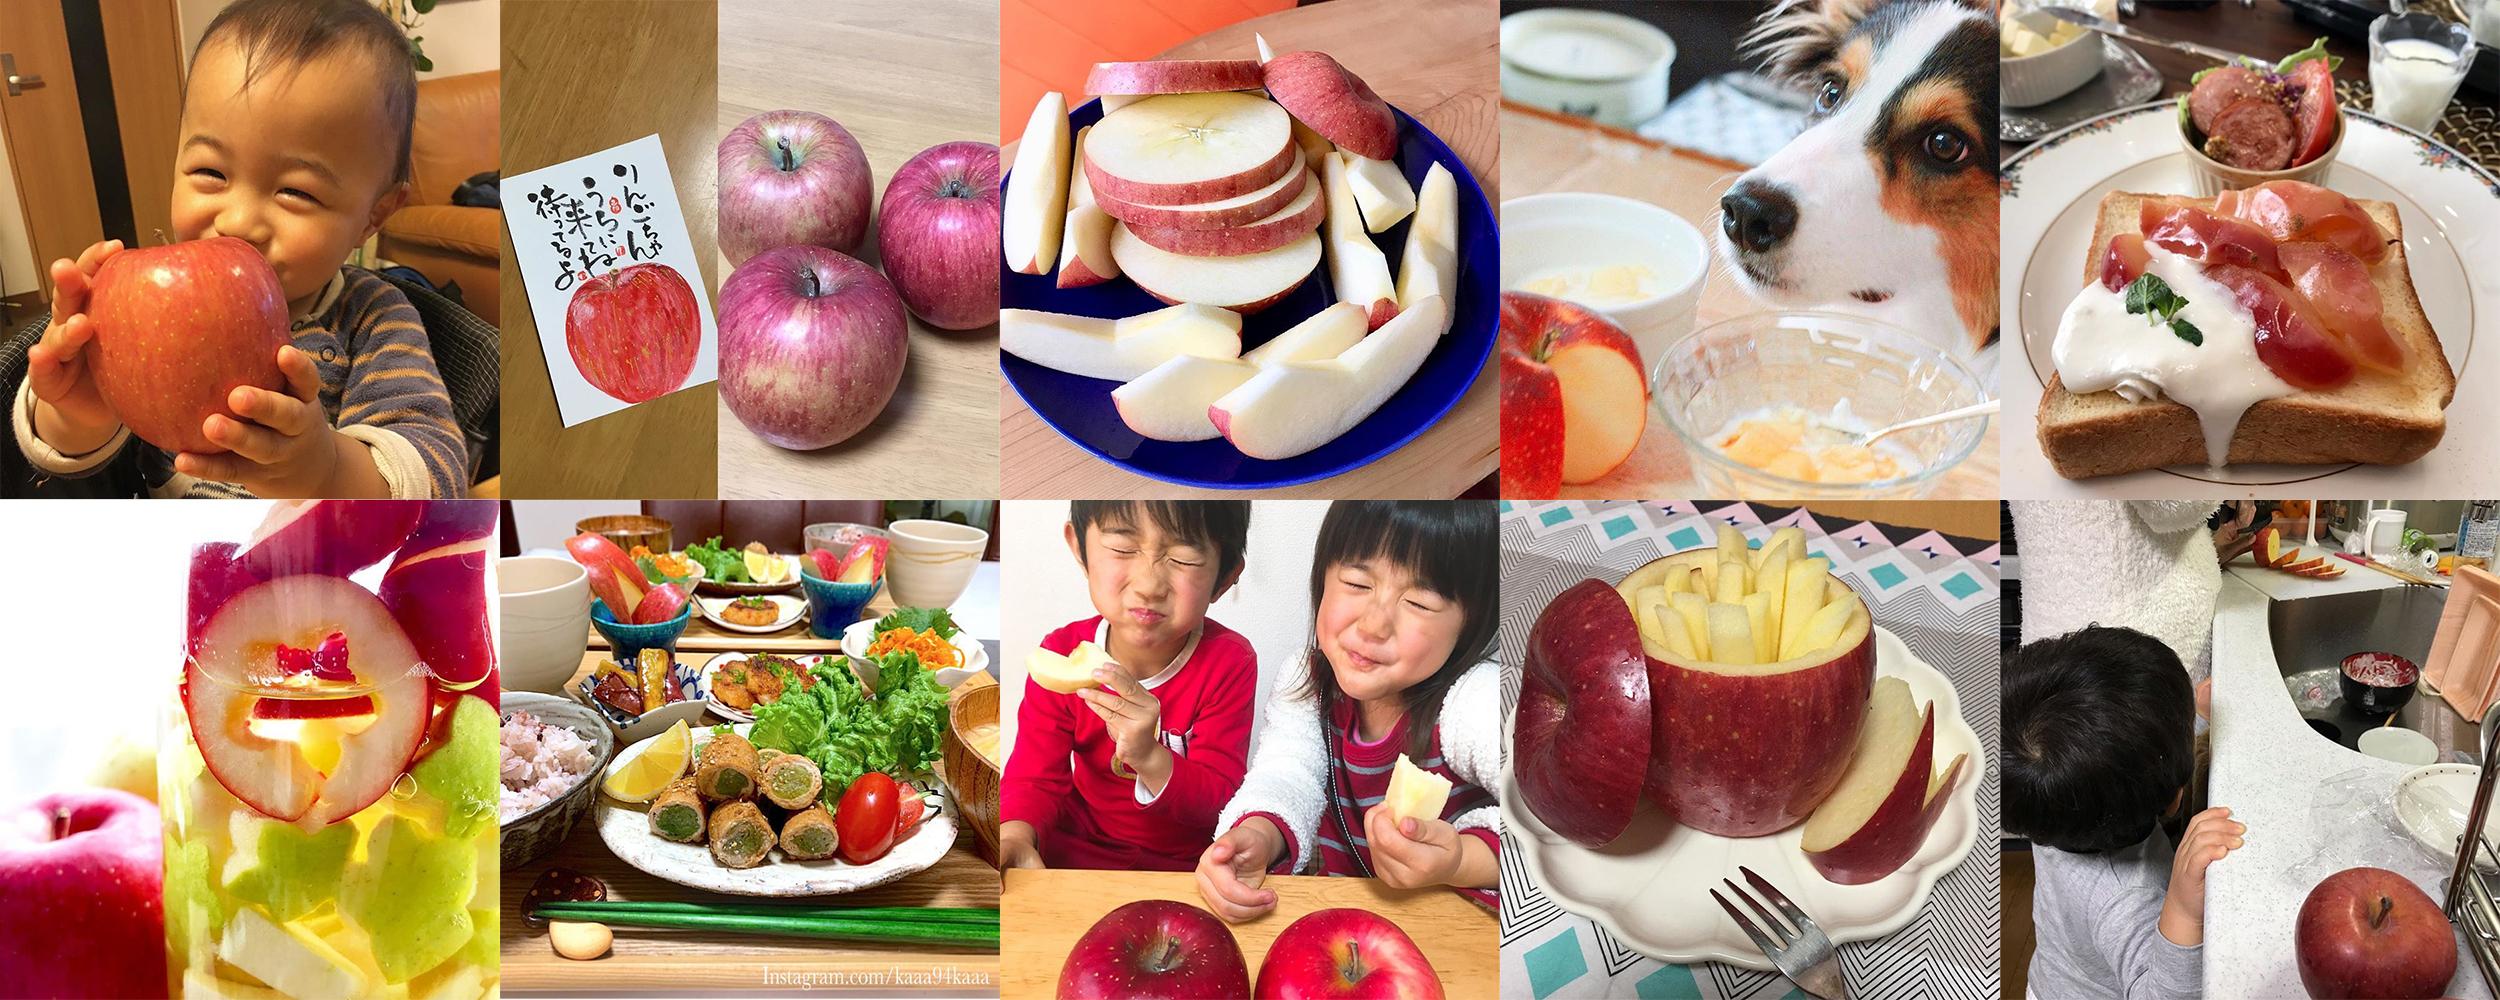 私の美活は食べるだけ青森りんごキャンペーン2月結果